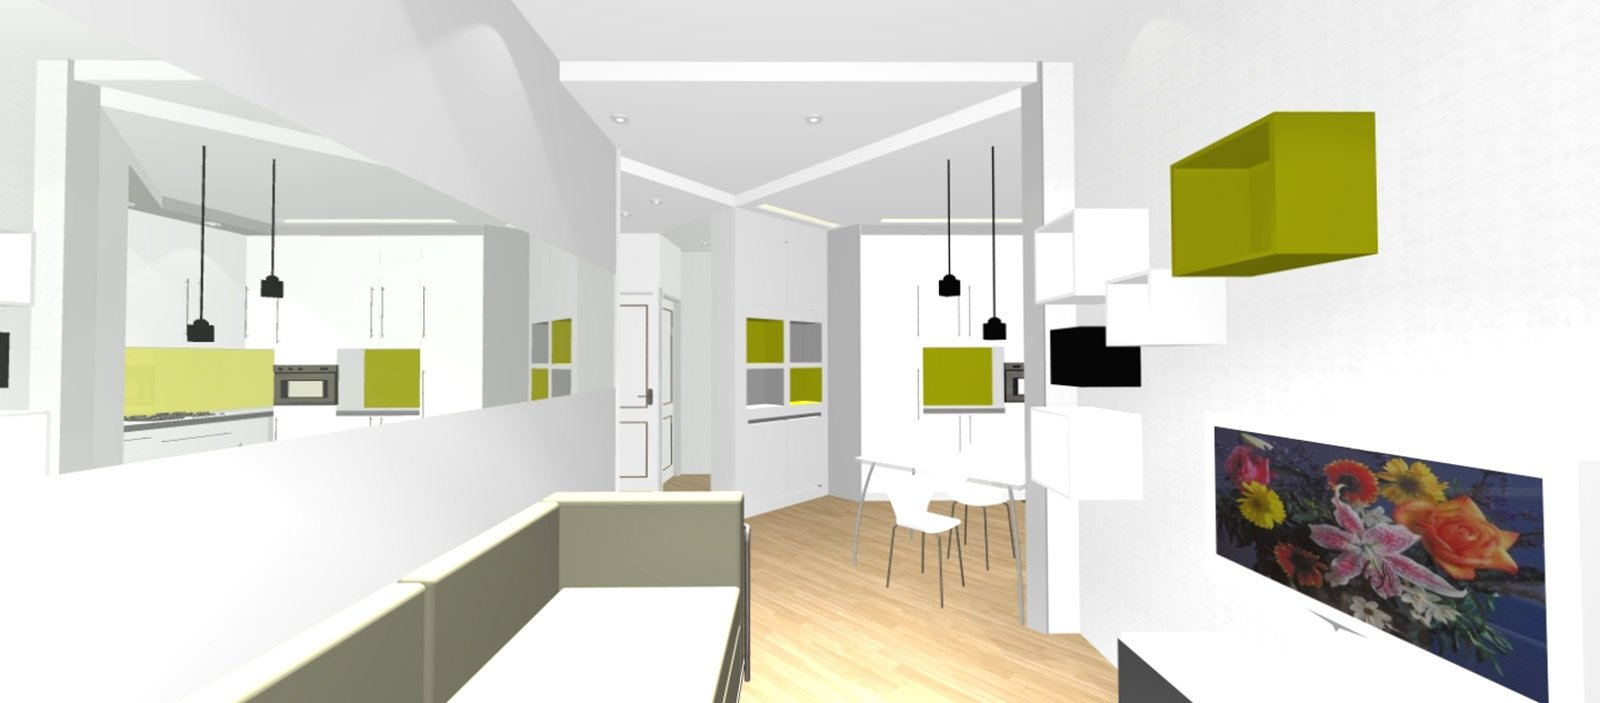 bilocale con cucina a vista - cose di casa - Design Soggiorno Angolo Cottura